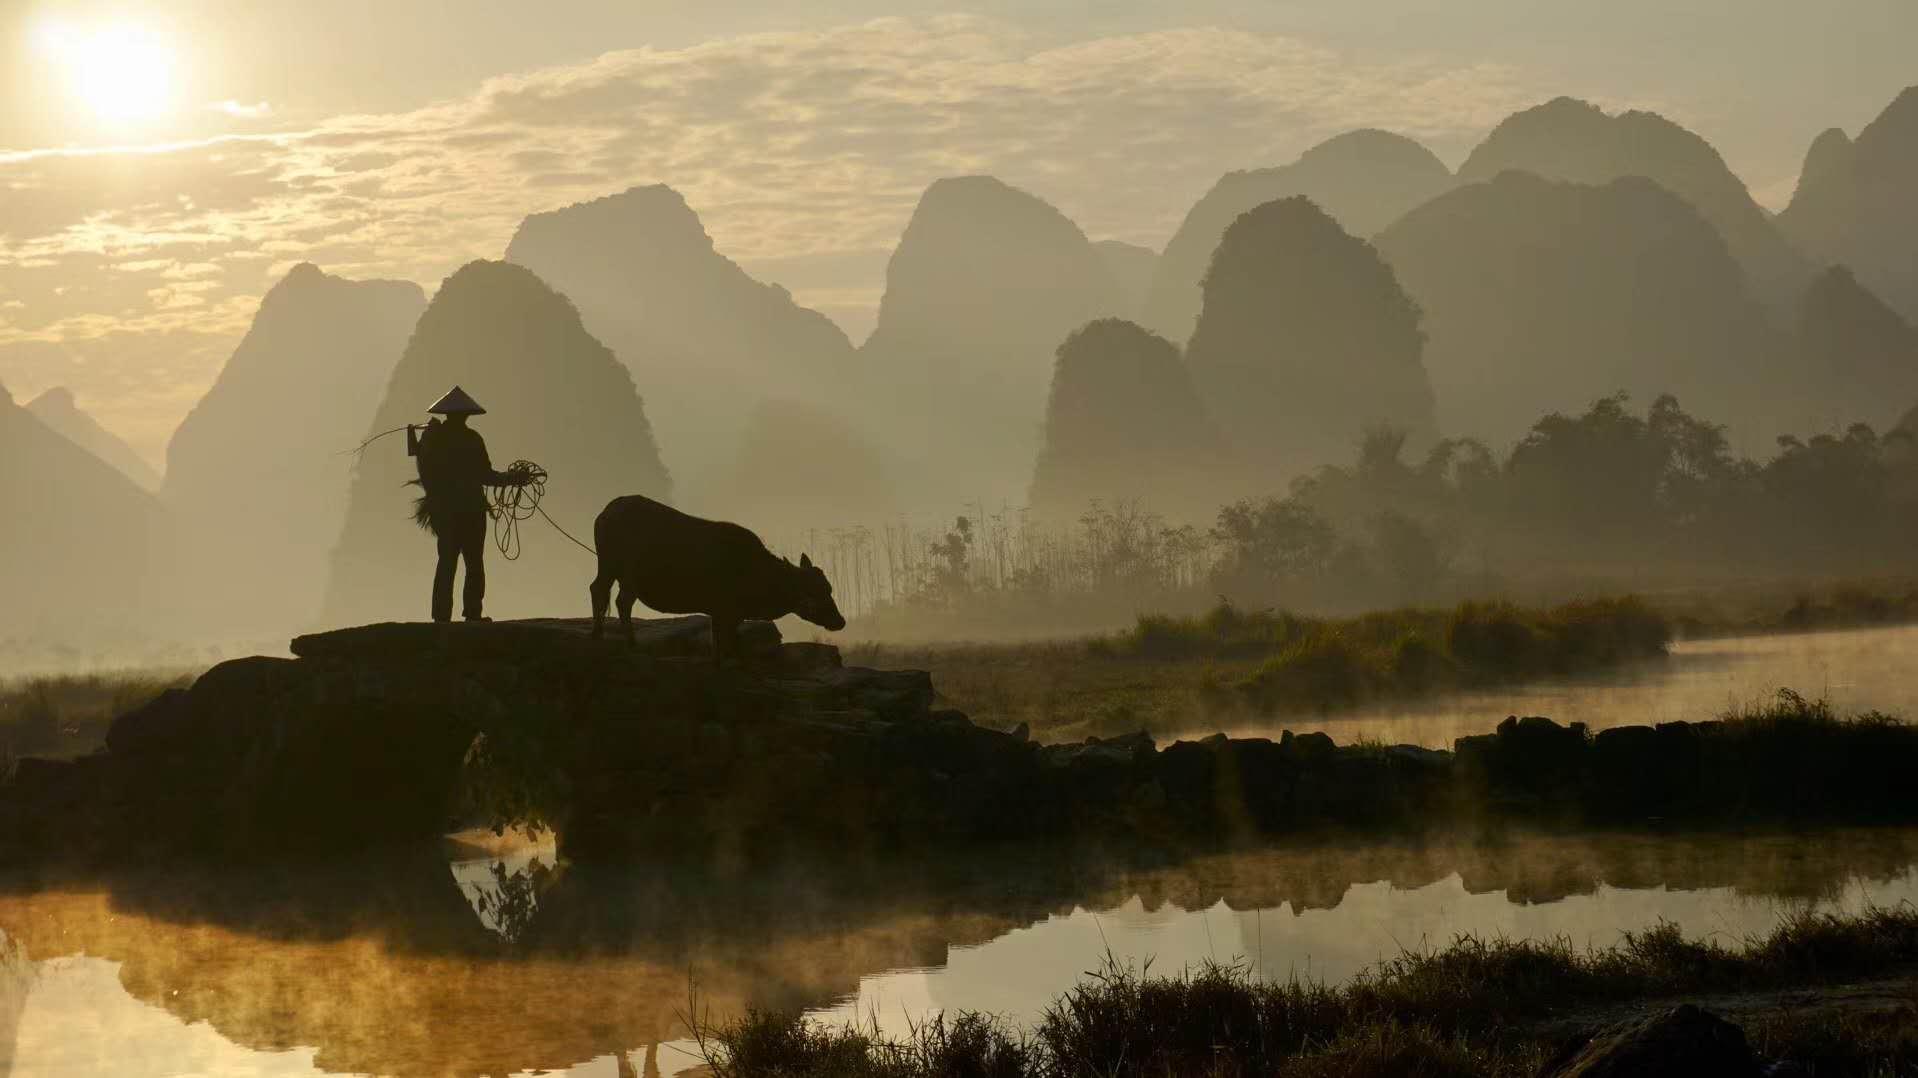 【桂林行者】桂林旅行醉美摄影路线